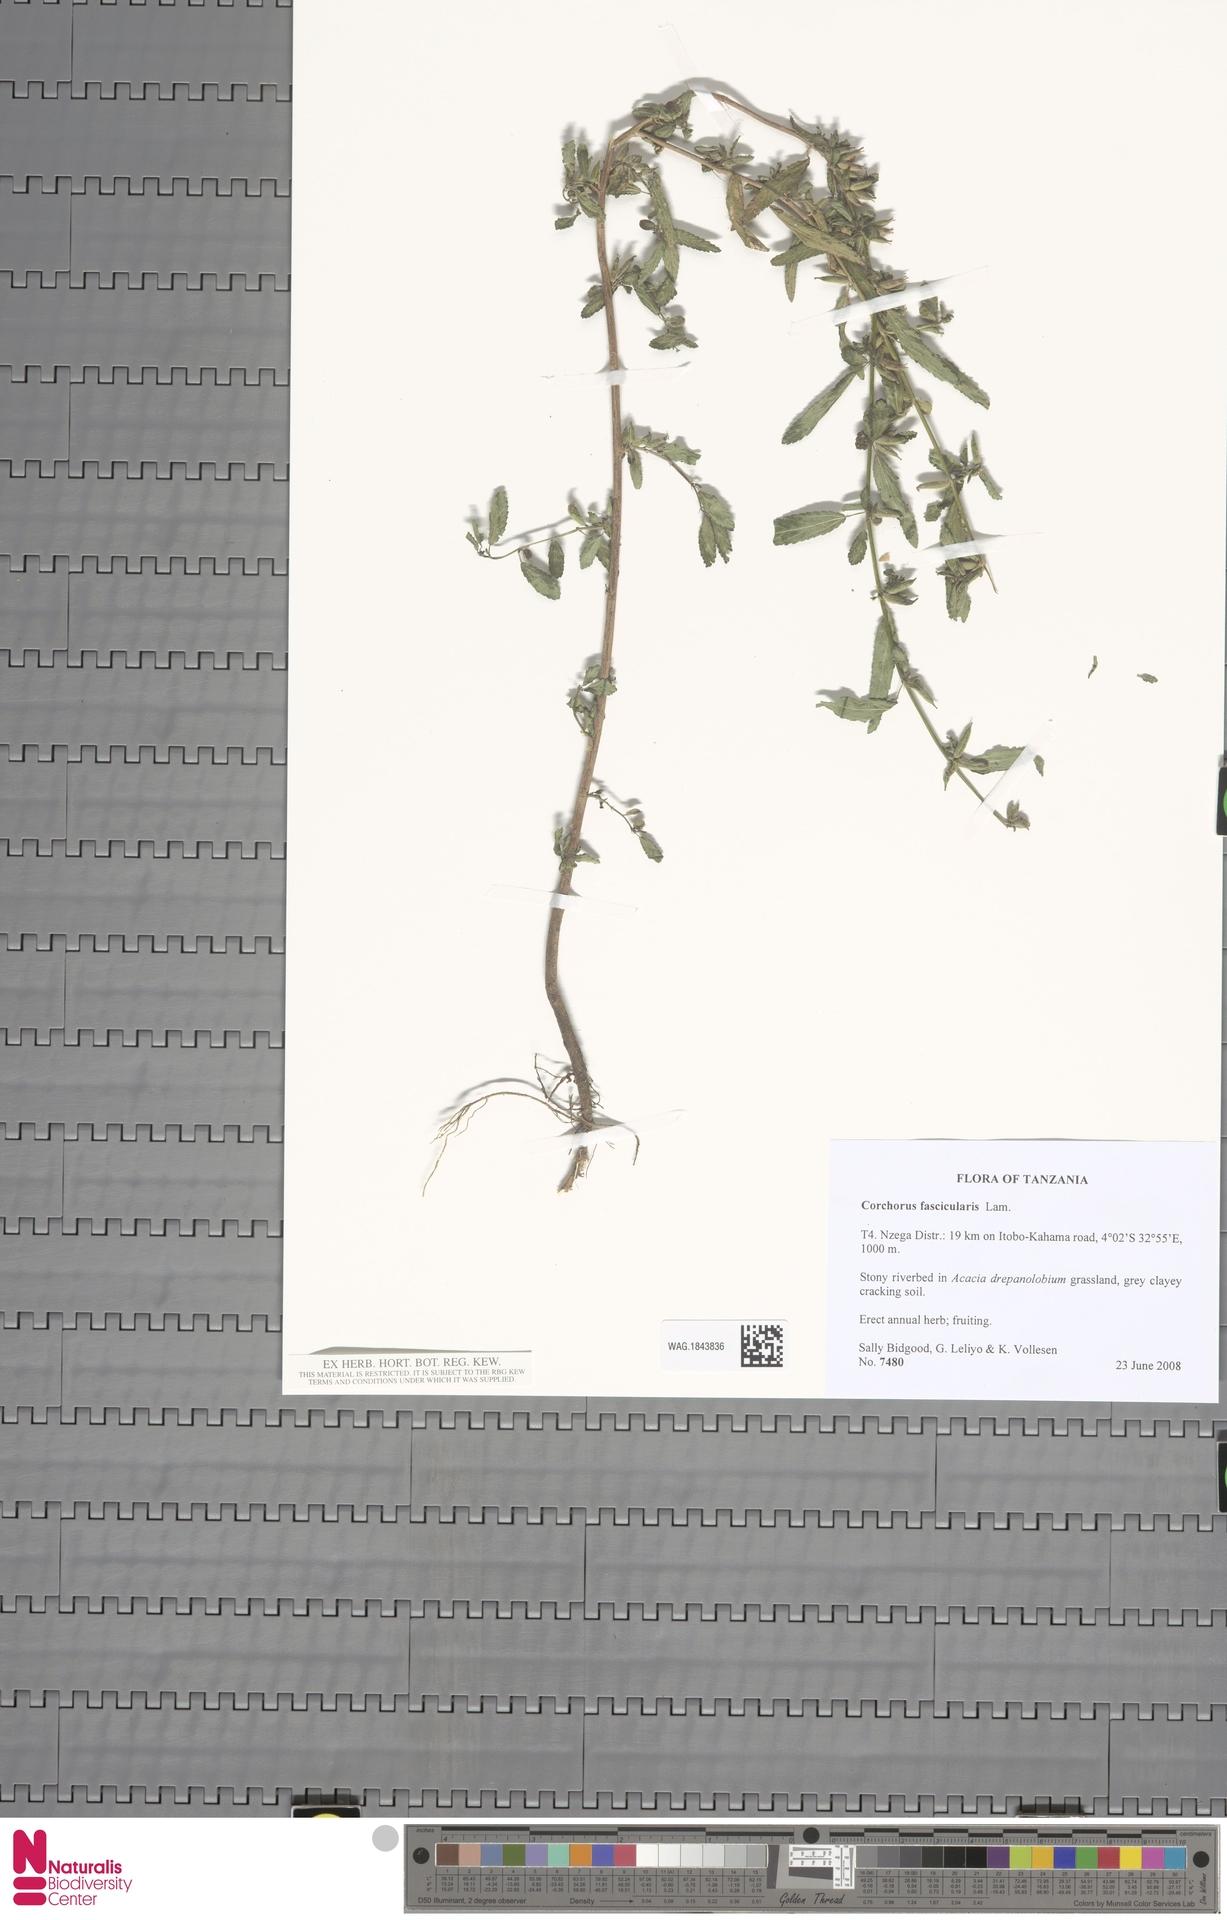 WAG.1843836 | Corchorus fascicularis Lam.